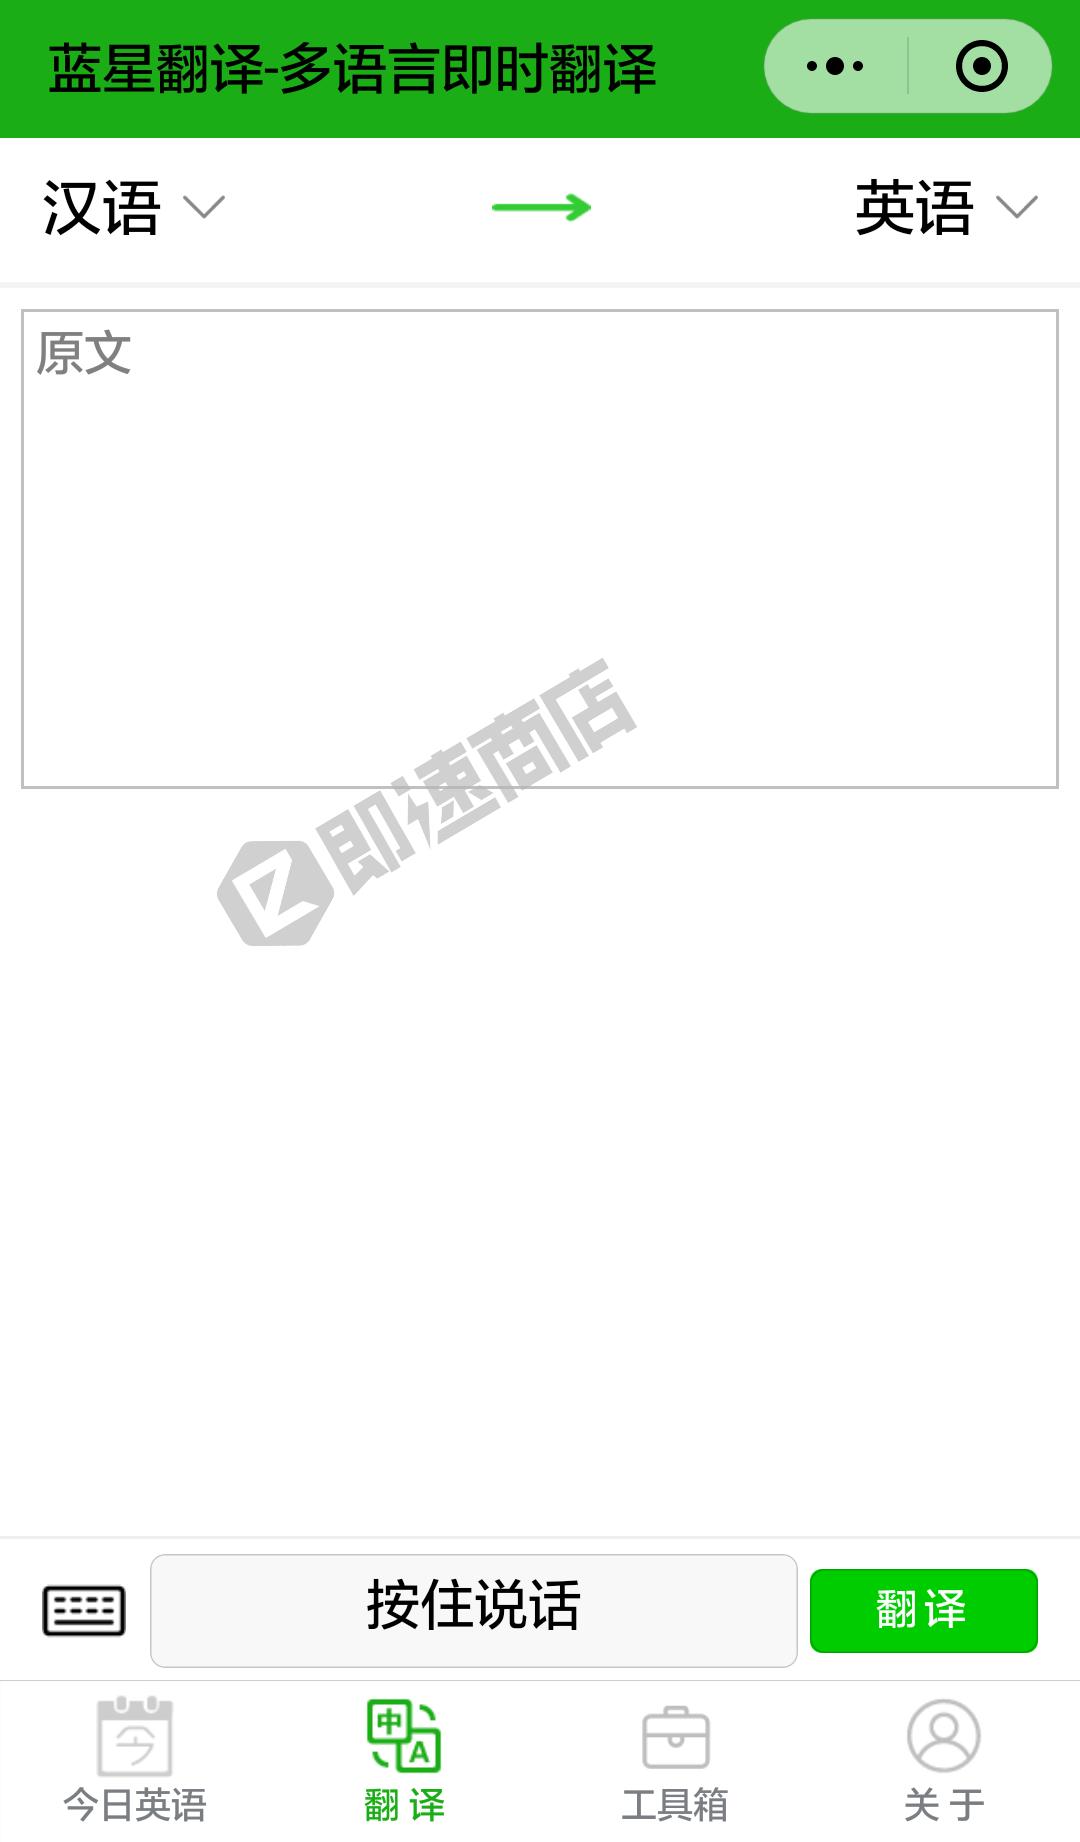 蓝星翻译小程序首页截图